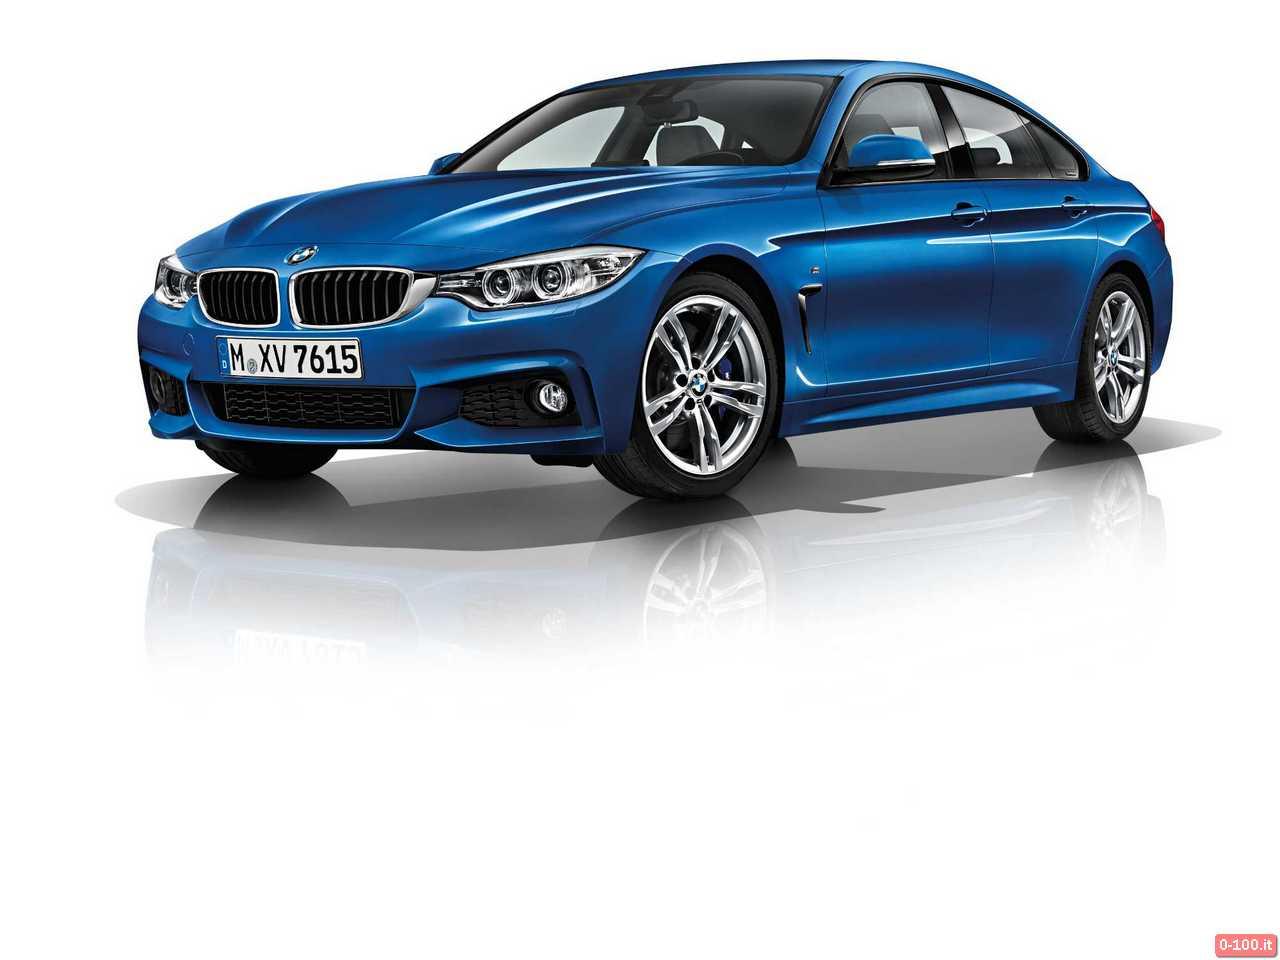 bmw-serie-4-gran-coupe-prezzo-price-ginevra-geneve-2014-0-100_88